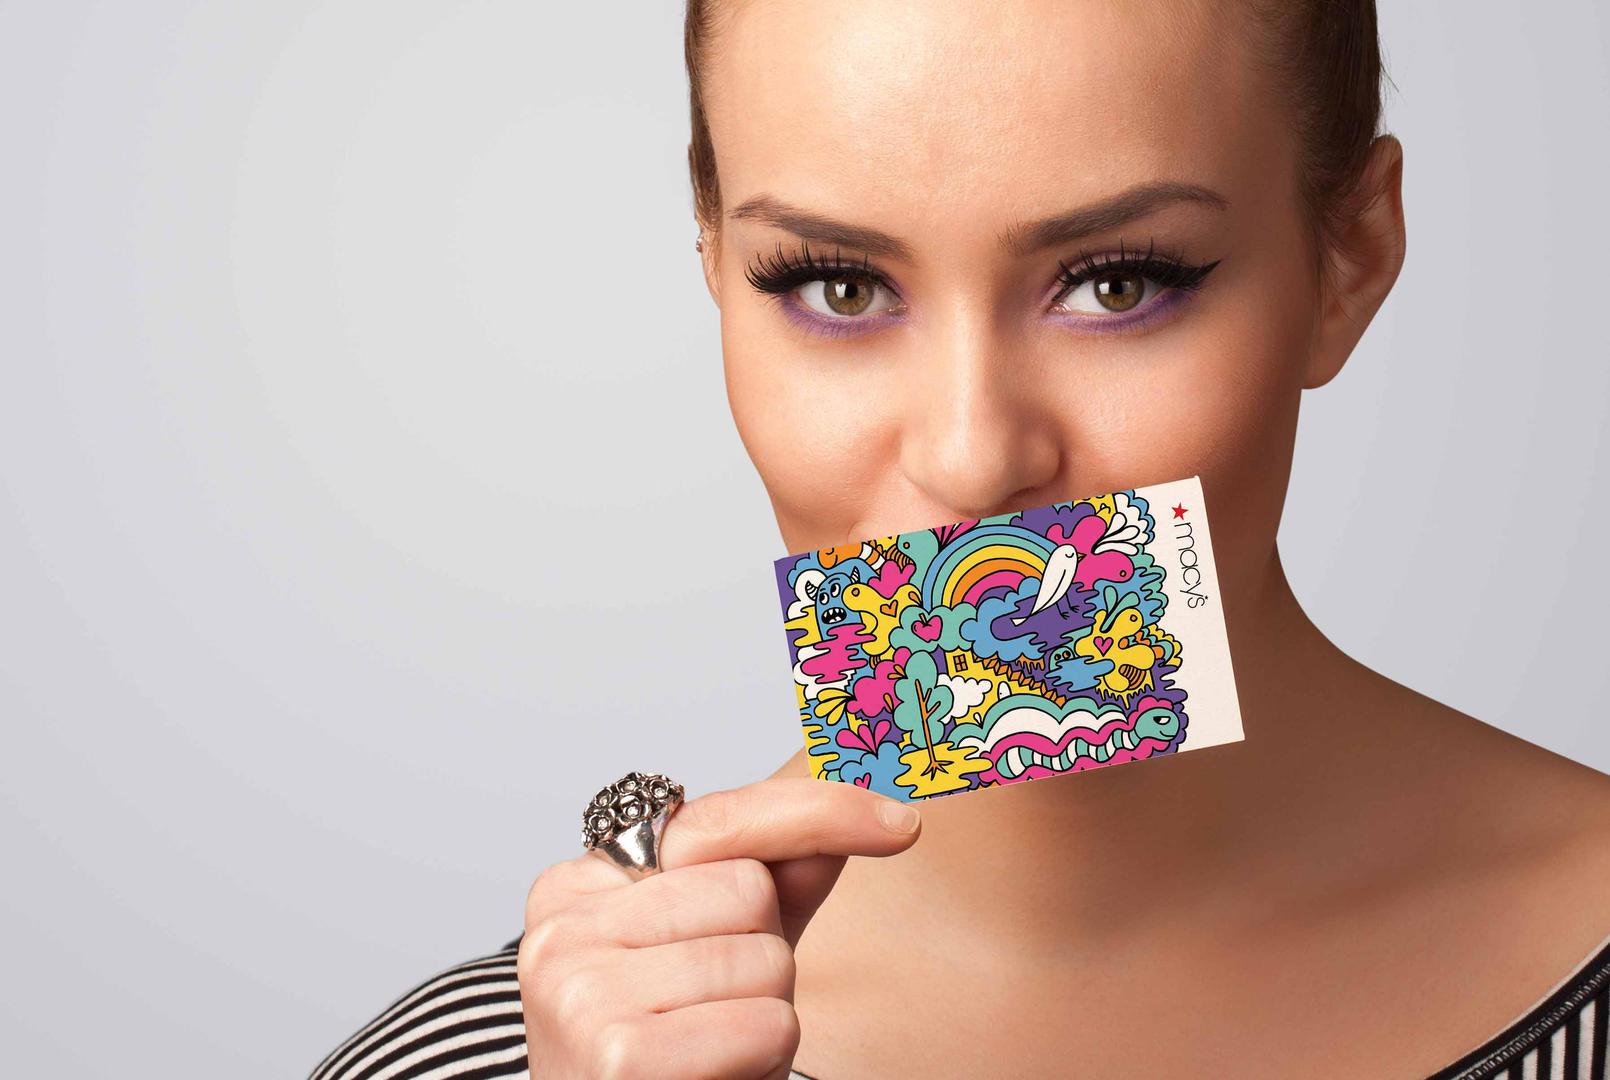 Macy's-Giftcard-Rendering-9-SFW.jpg